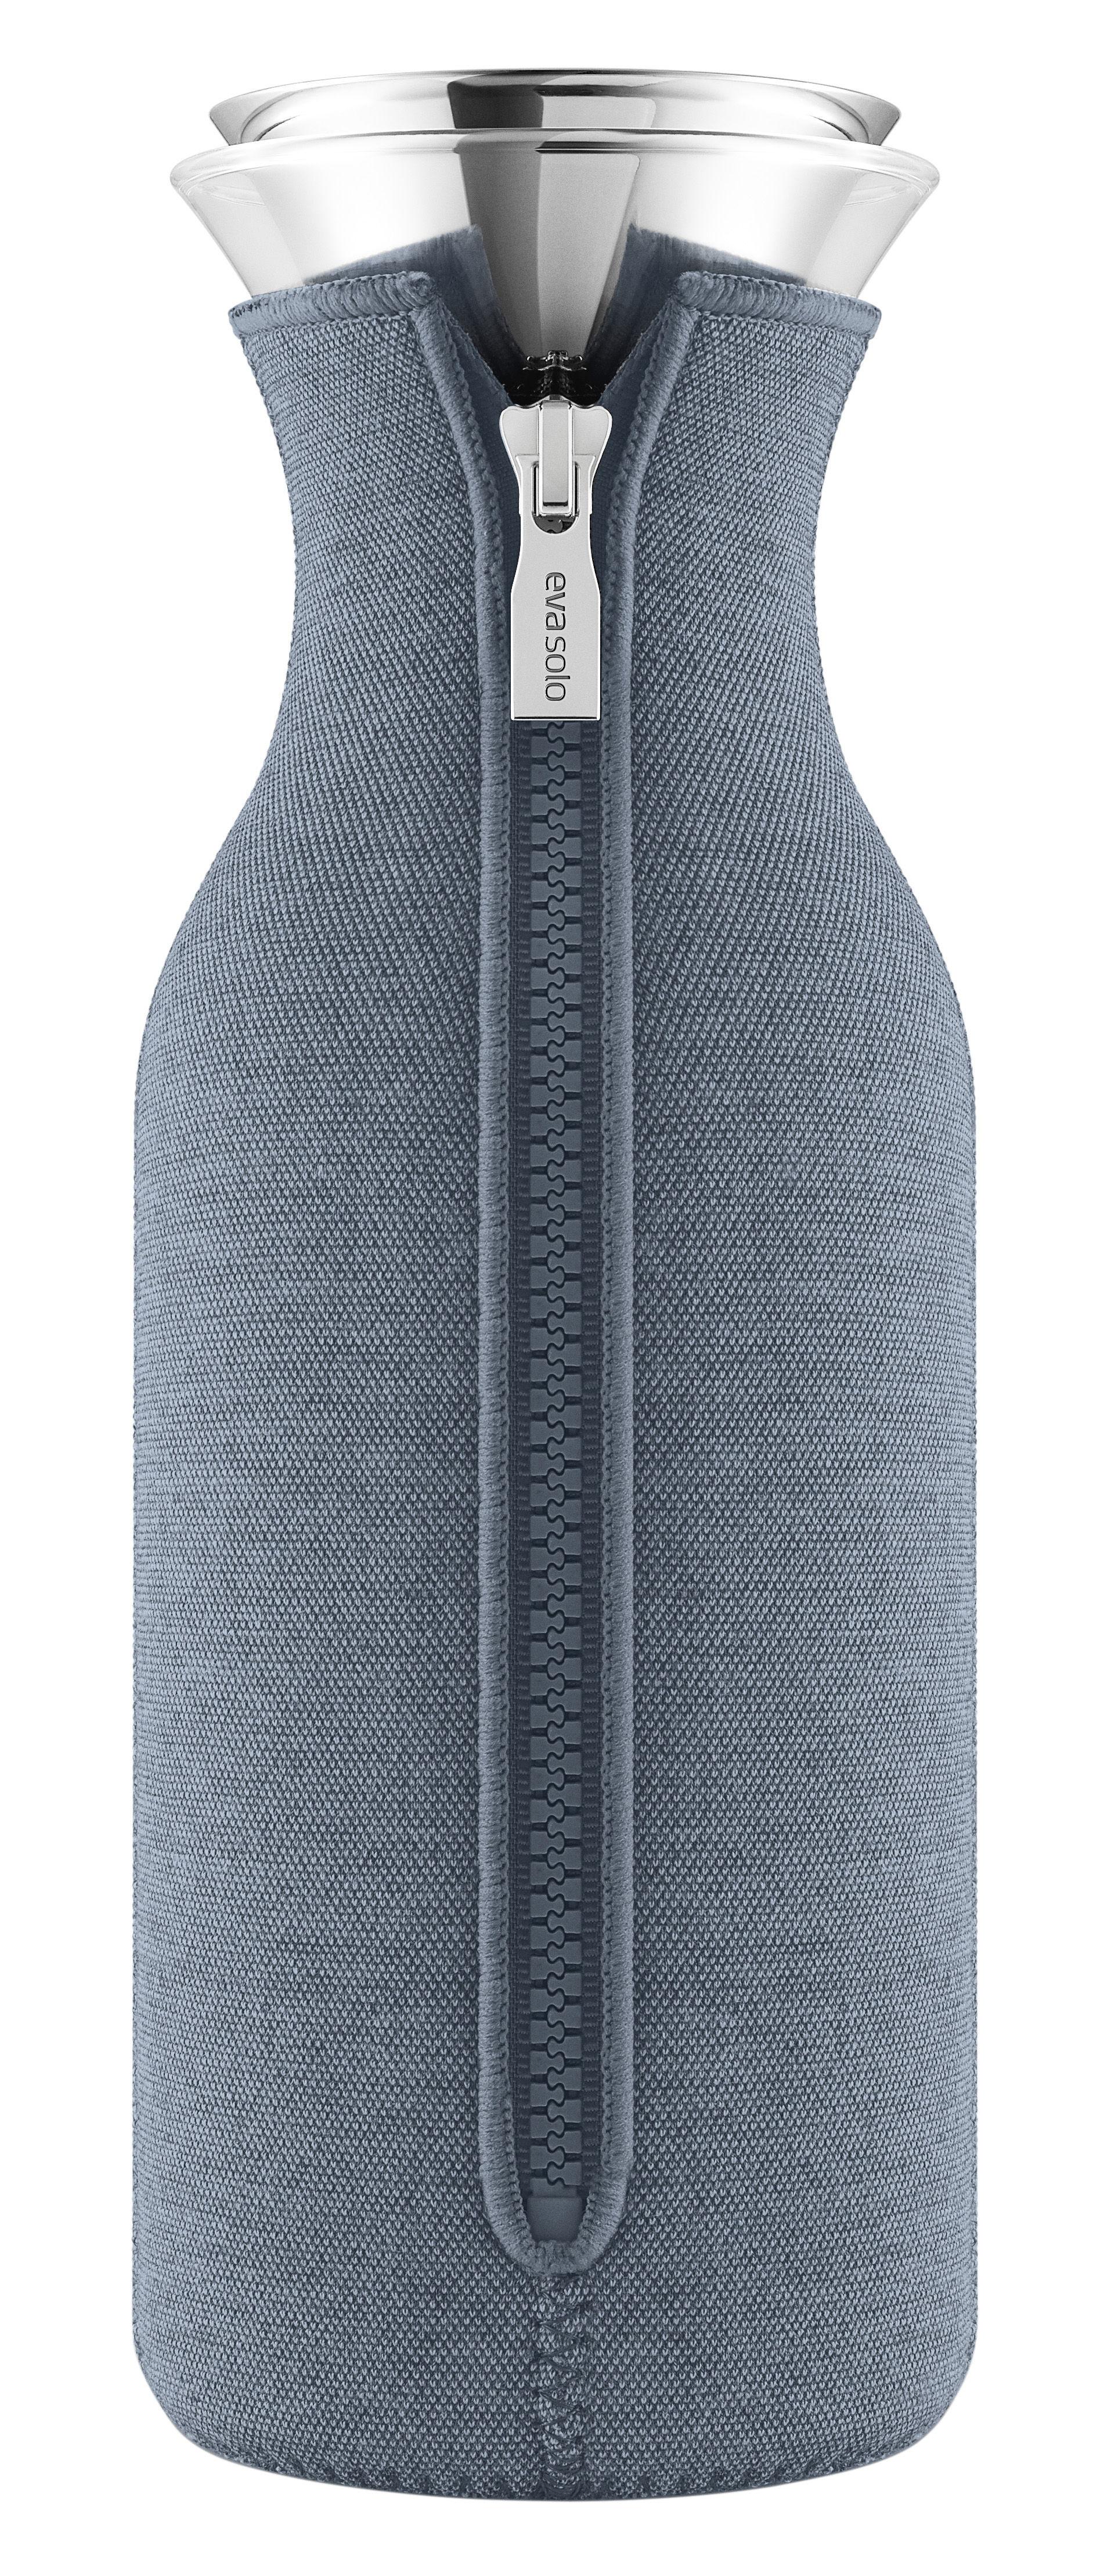 Arts de la table - Carafes et décanteurs - Carafe Stoppe-goutte / 1 L - Tissu technique - Eva Solo - Bleu acier - Acier inoxydable, Néoprène, Verre